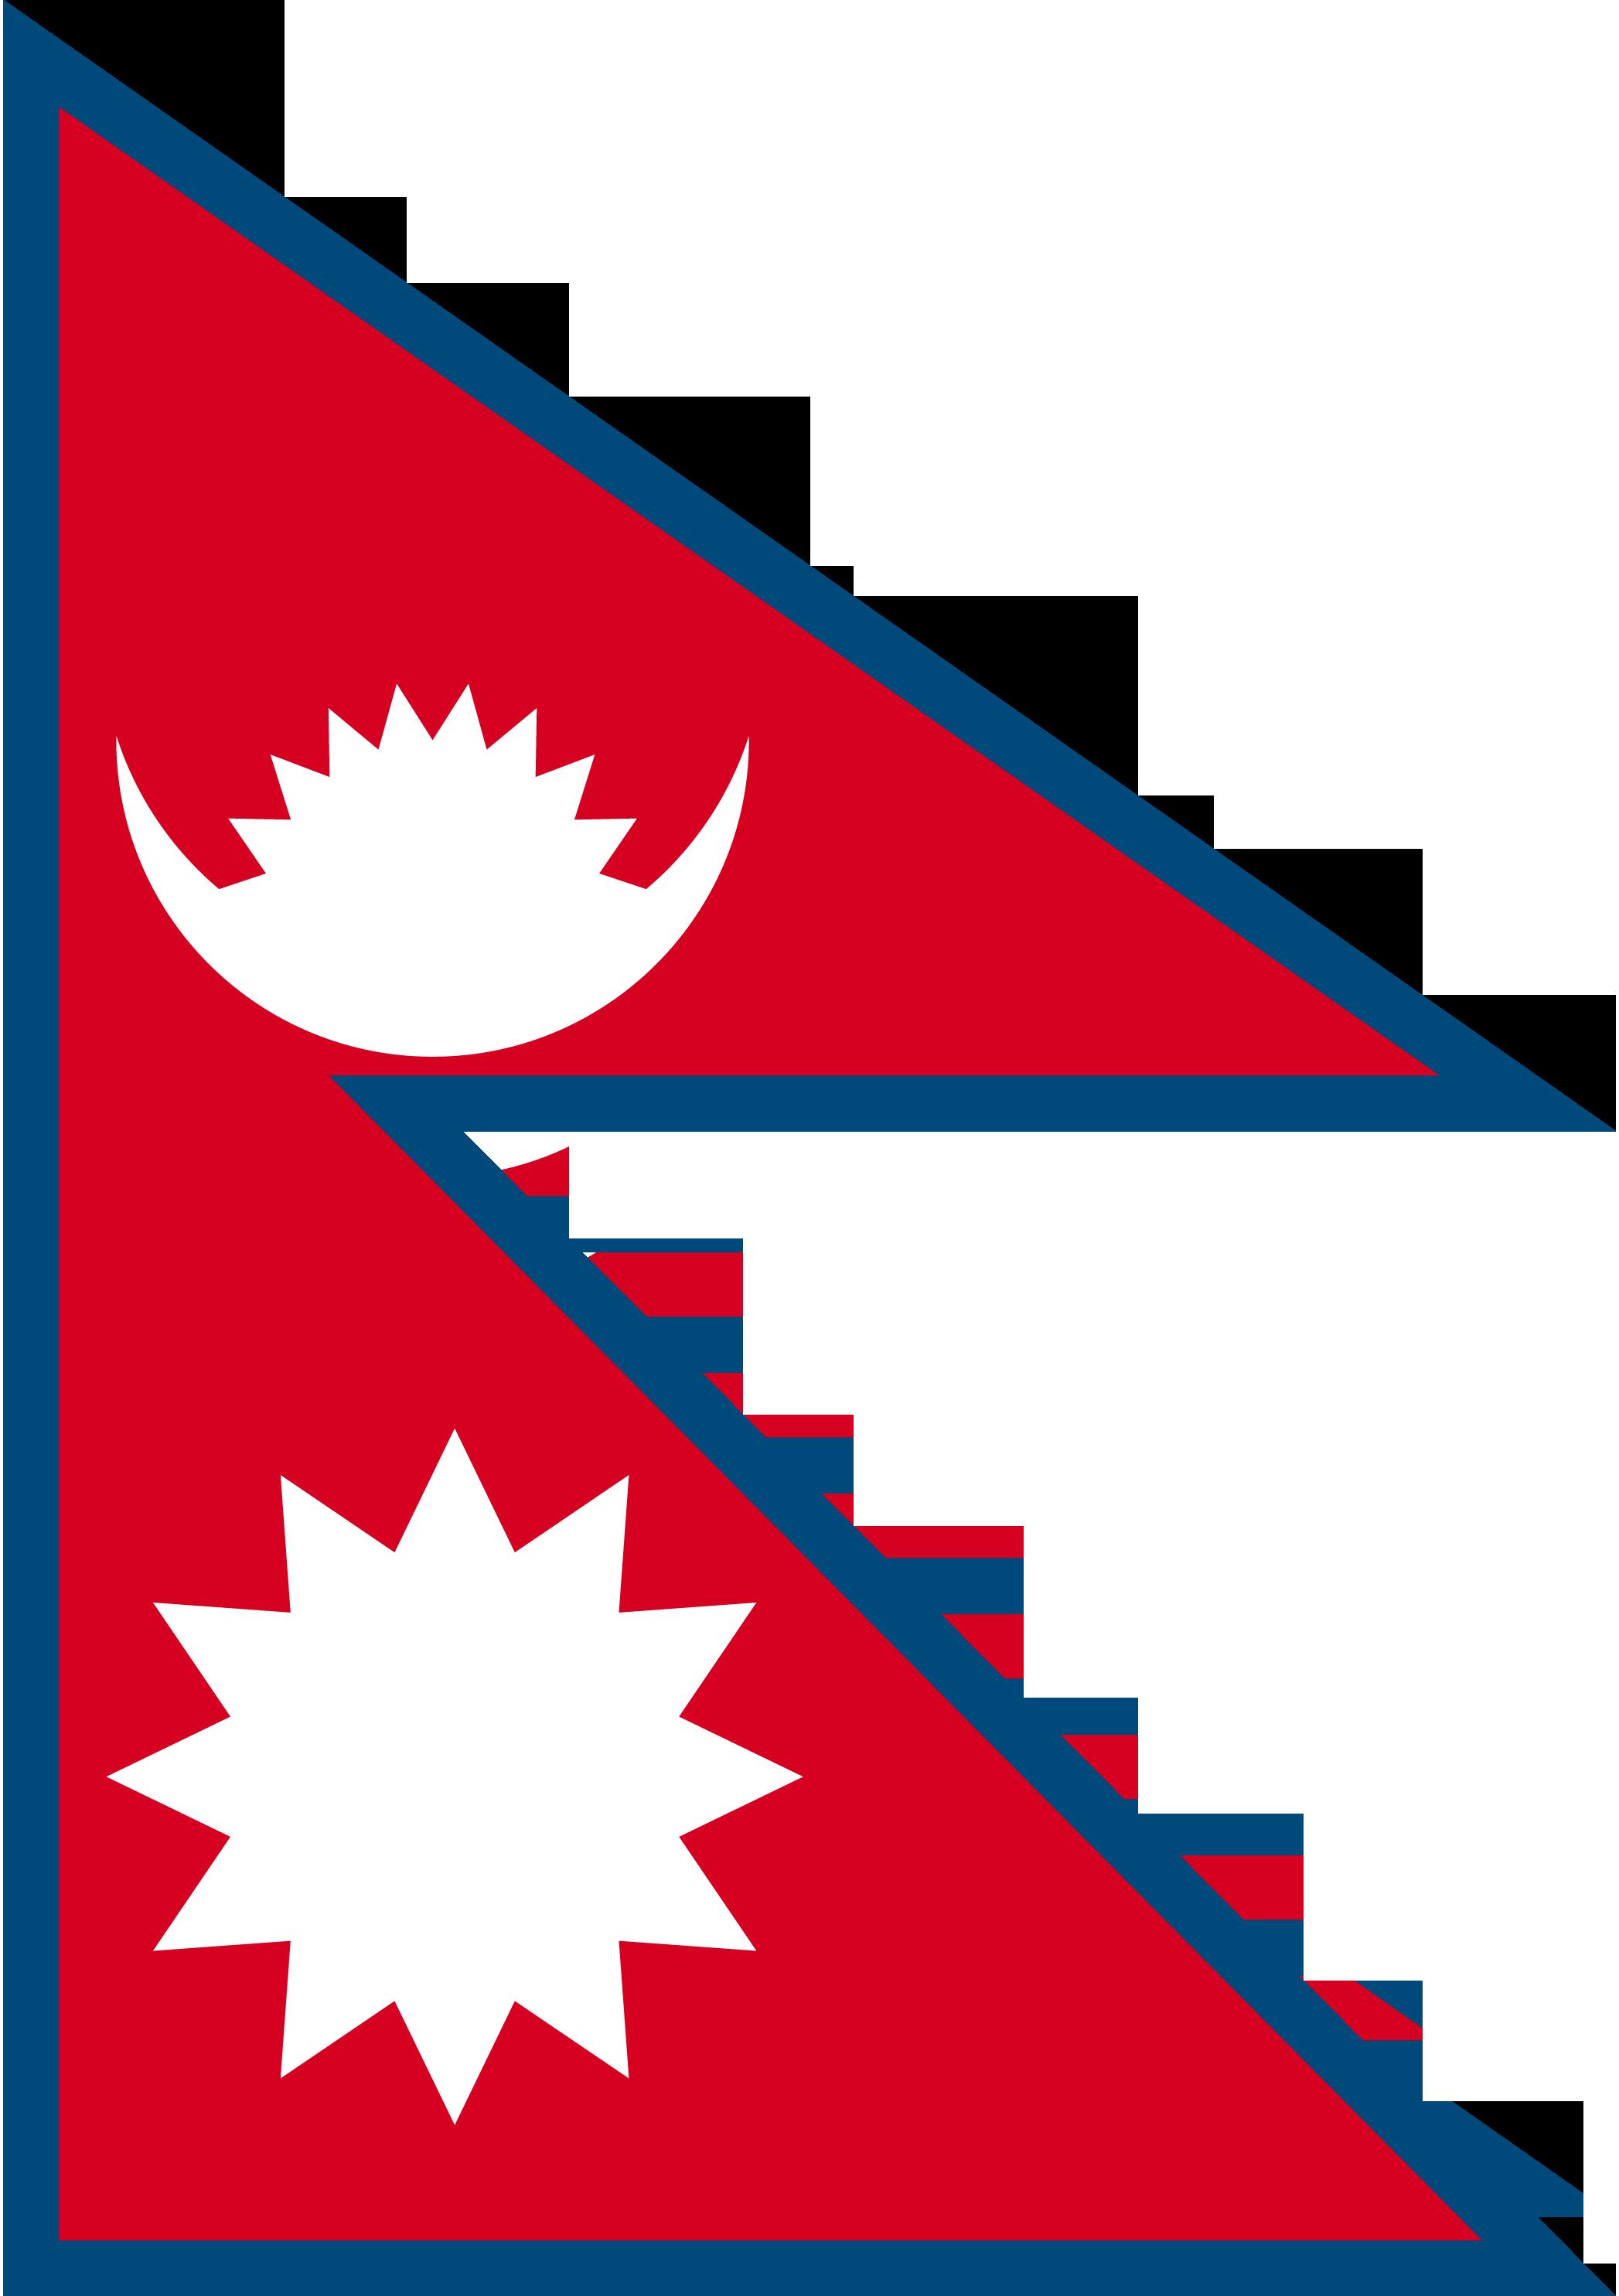 日本発、人と技術の継続的な支援をネパールにネパールやぎの会とともに 「青年の地域定住促進のための地域地域おこしinネパール2016年度活動報告会」